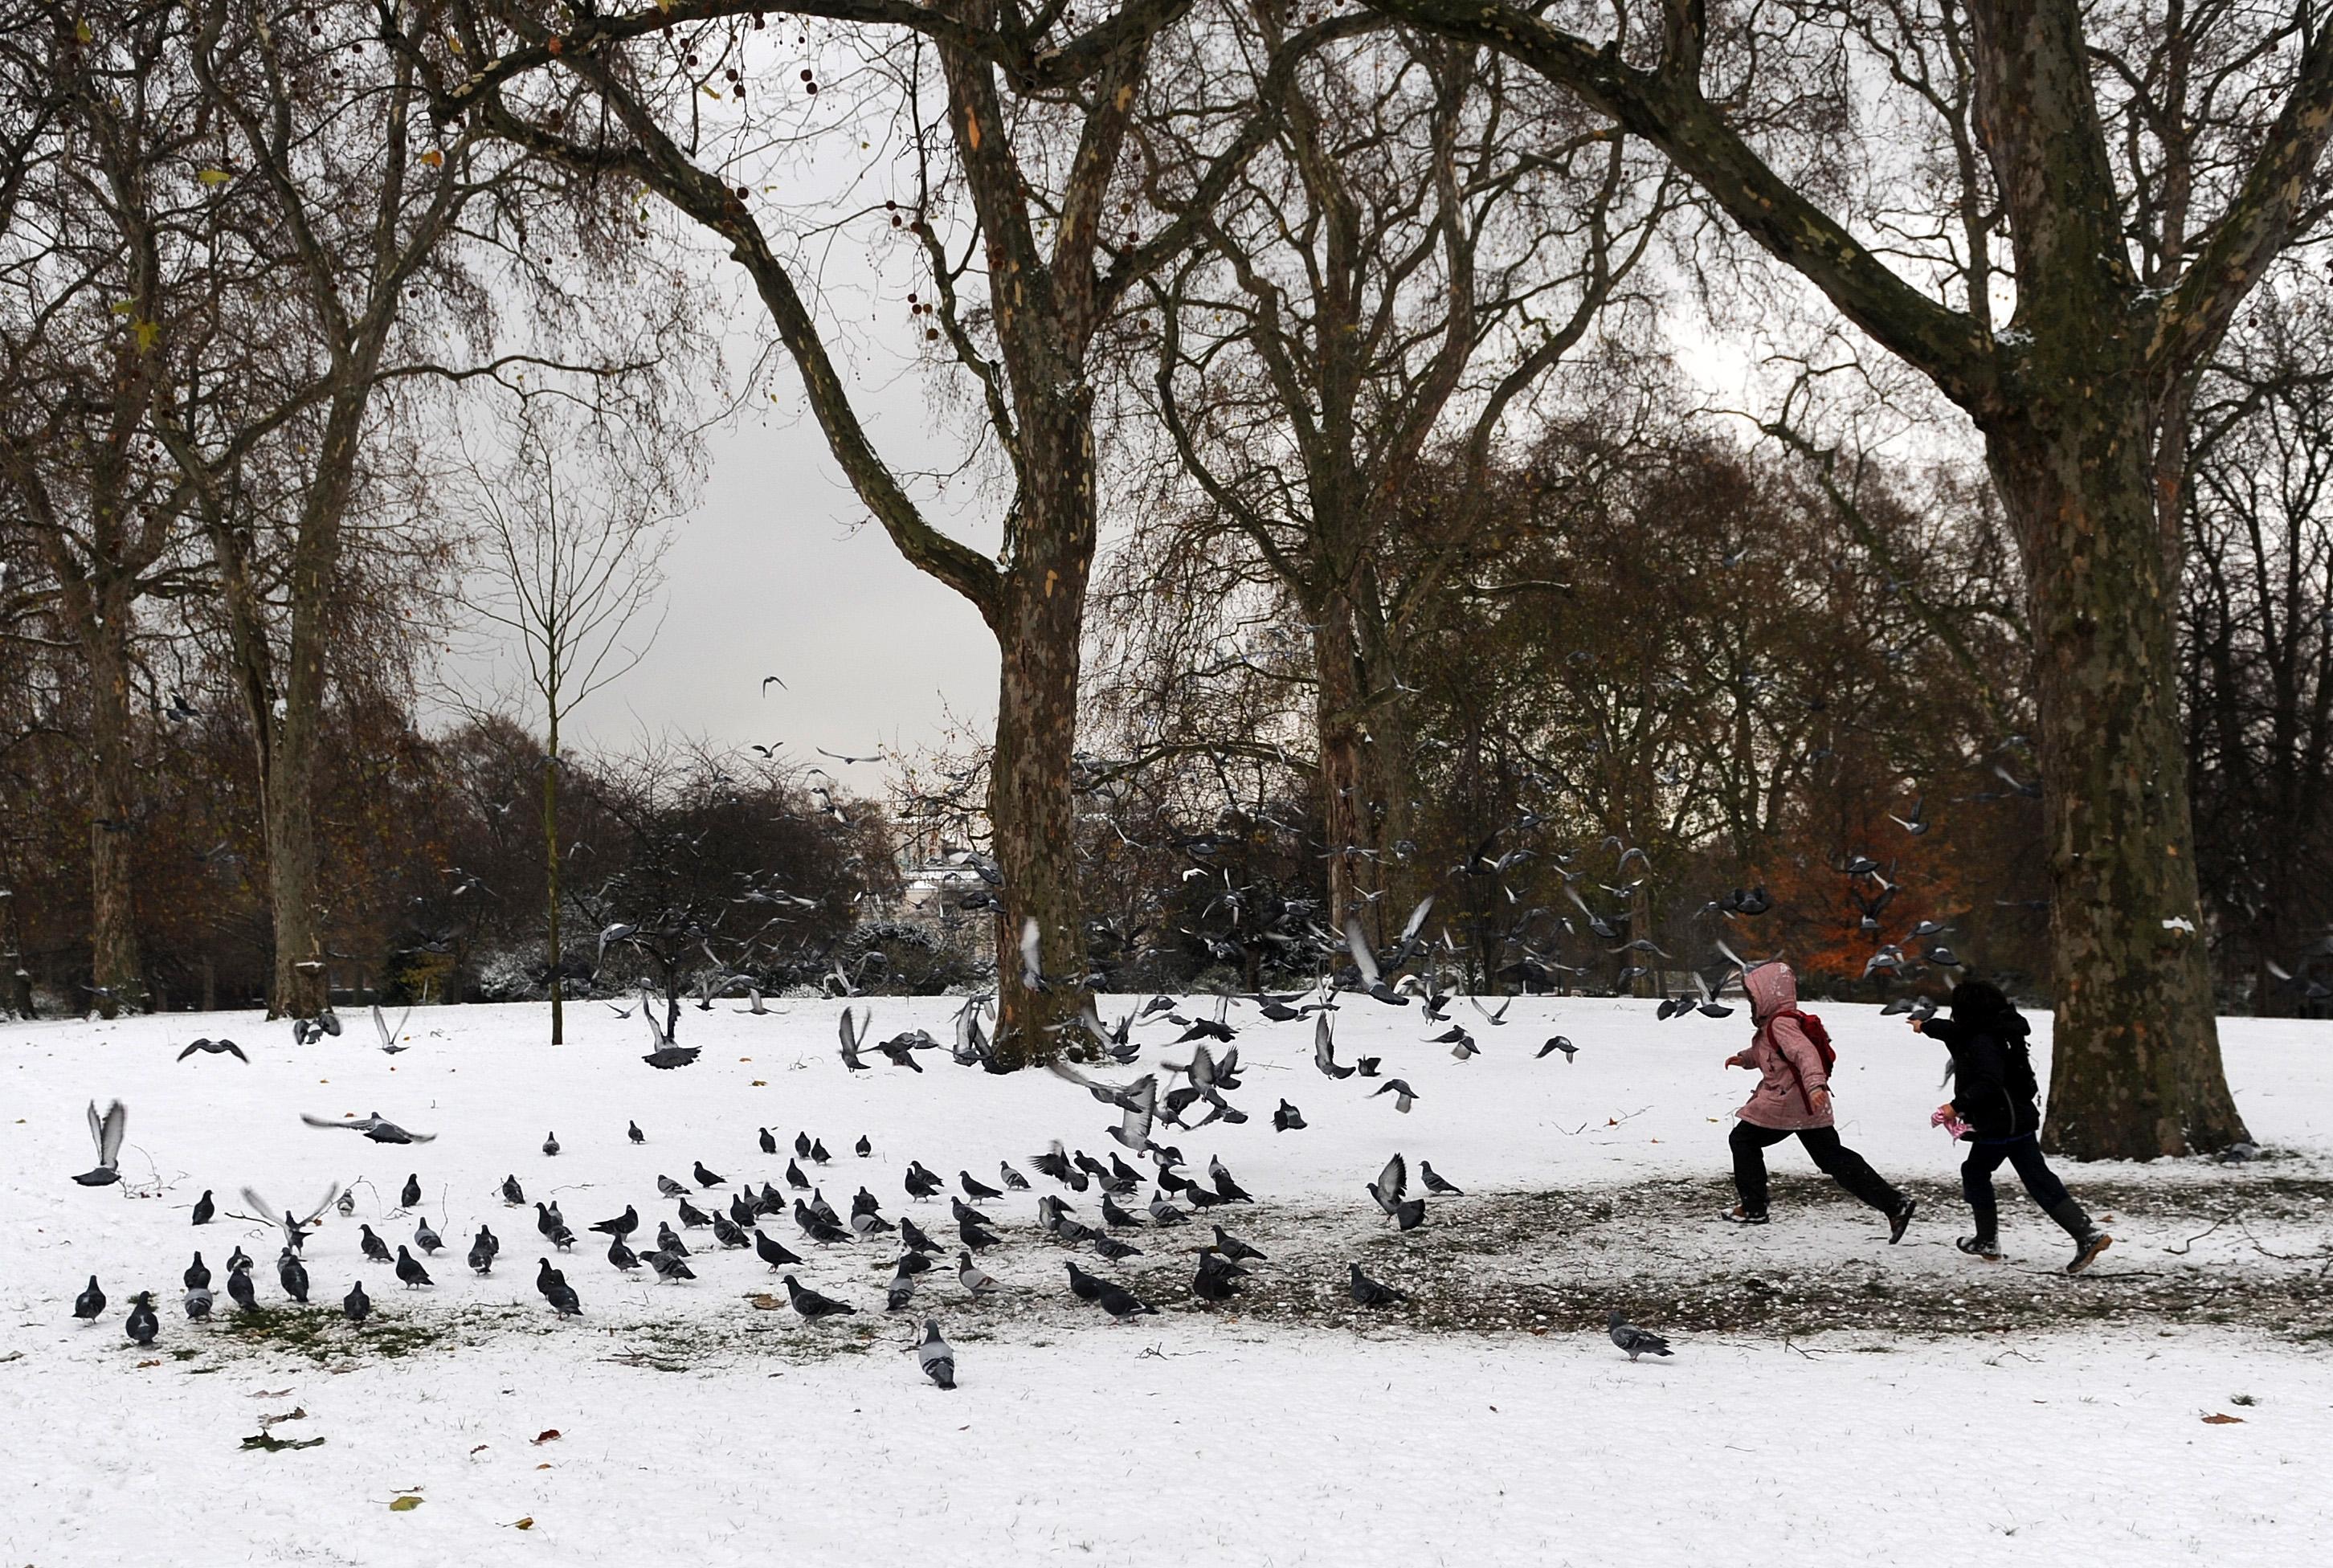 Городской совет Олердейла разыскивал человека, незаконно кормящего голубей. Фото: EPA/ANDY RAIN